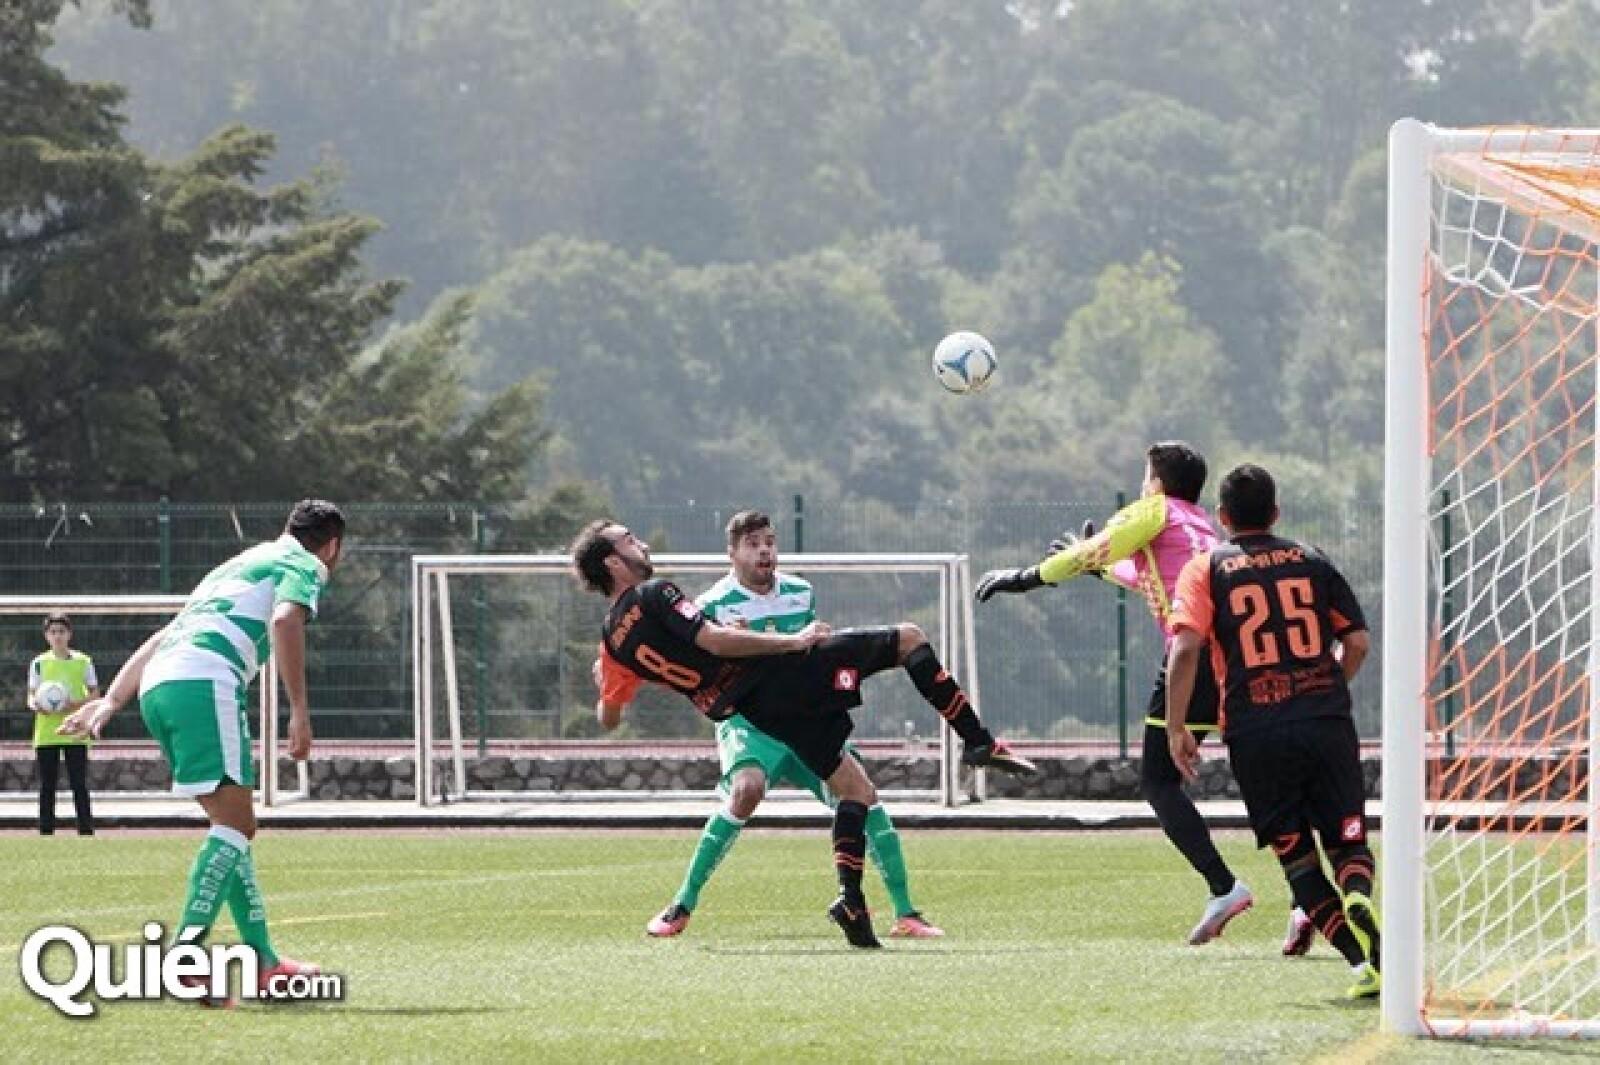 Santos vs Alebrijes